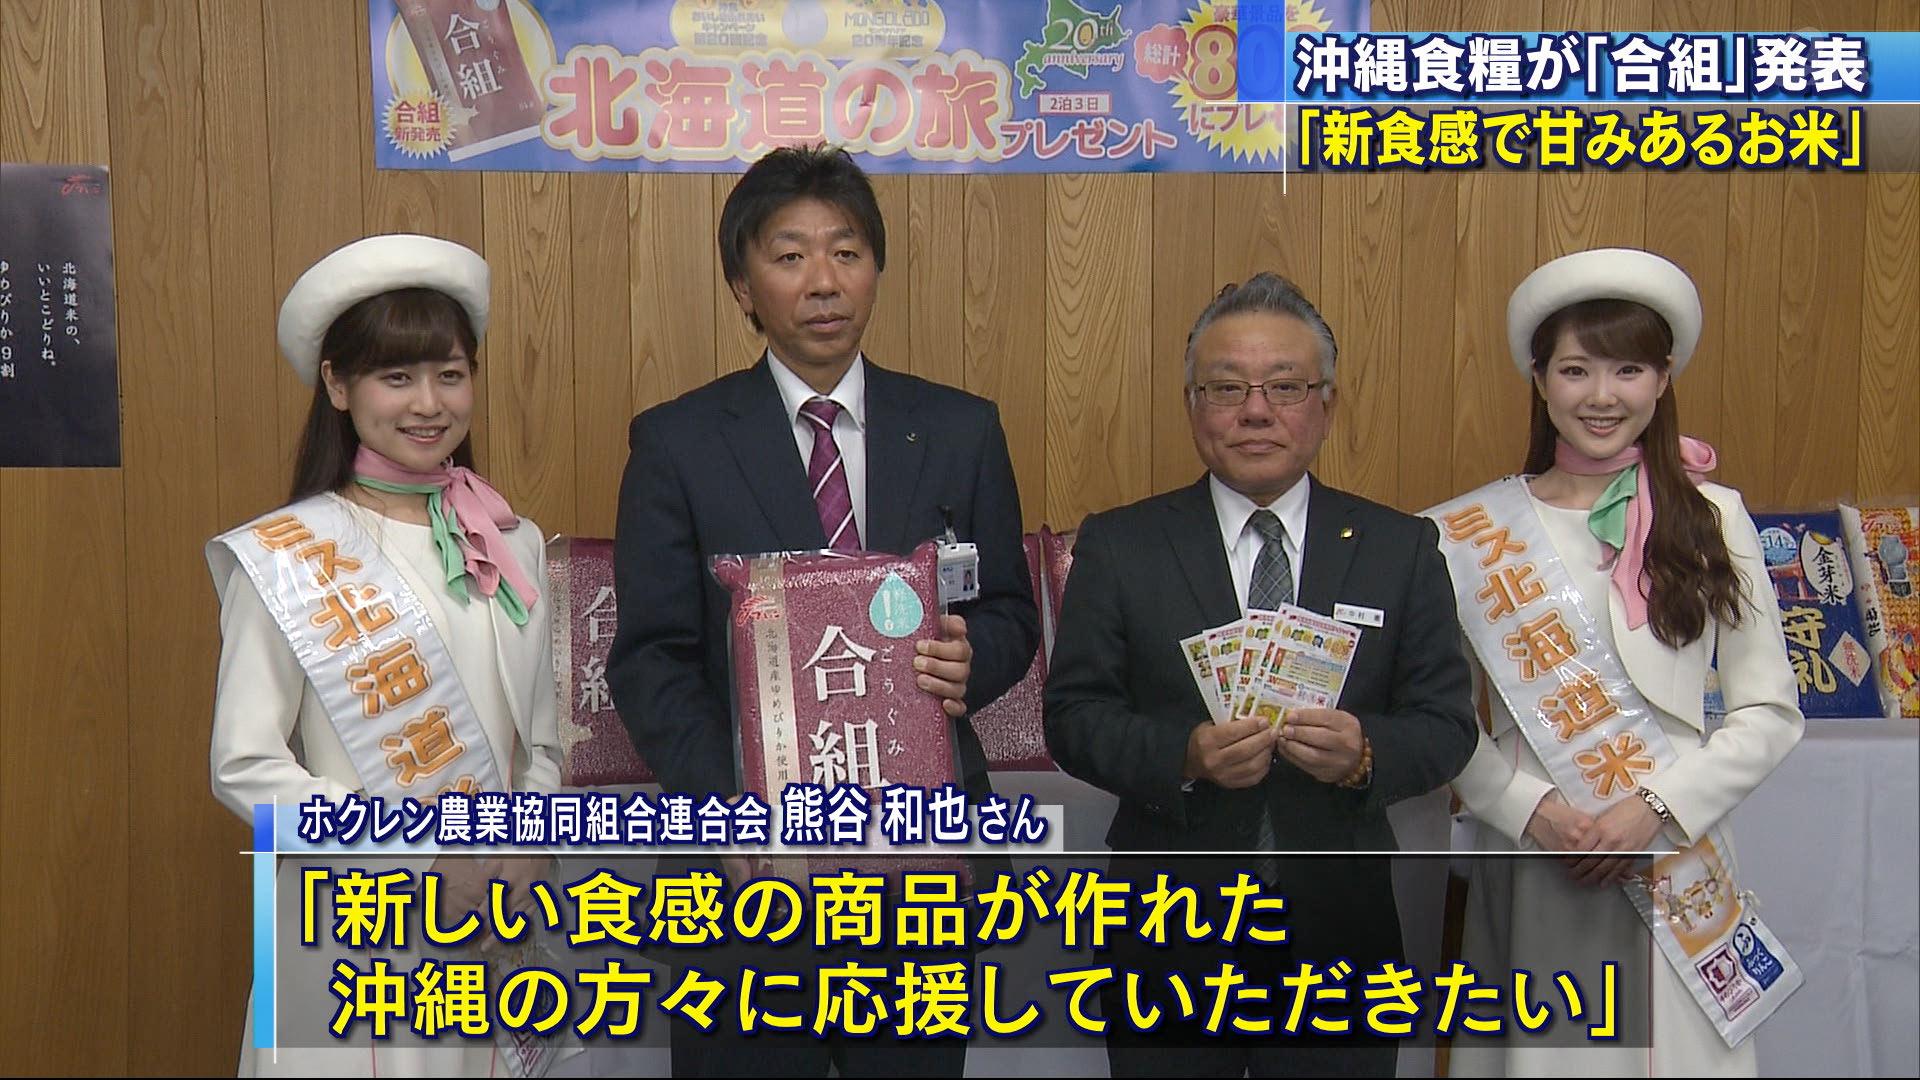 沖縄食料がブレンド米「合組」を発表